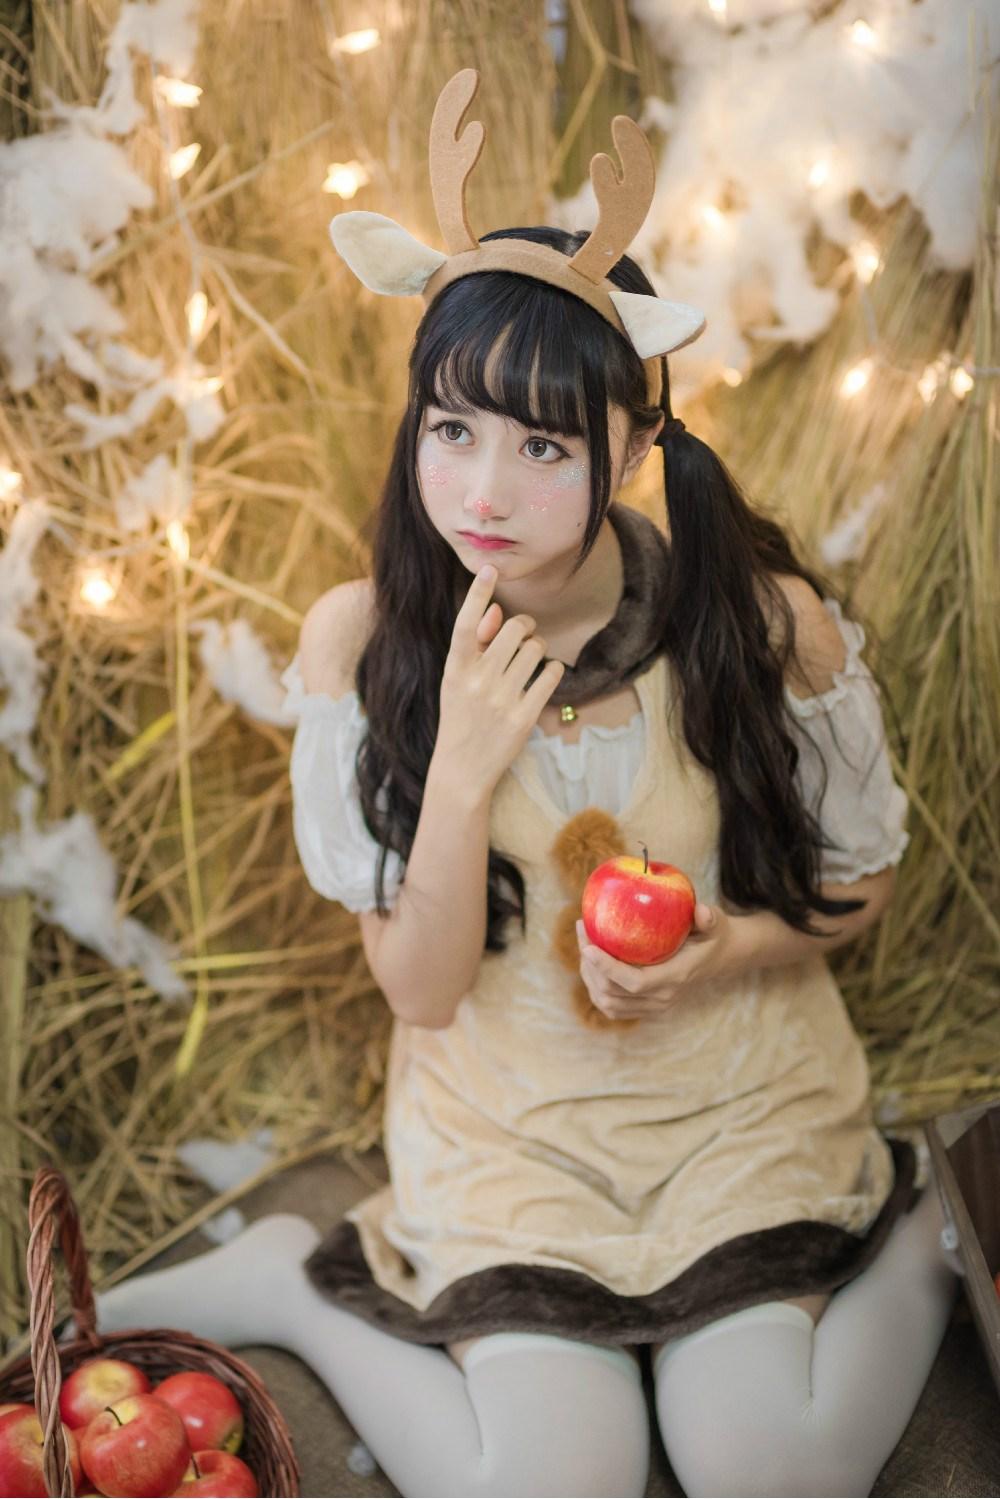 【兔玩映画】圣诞节的特别福利 兔玩映画 第45张